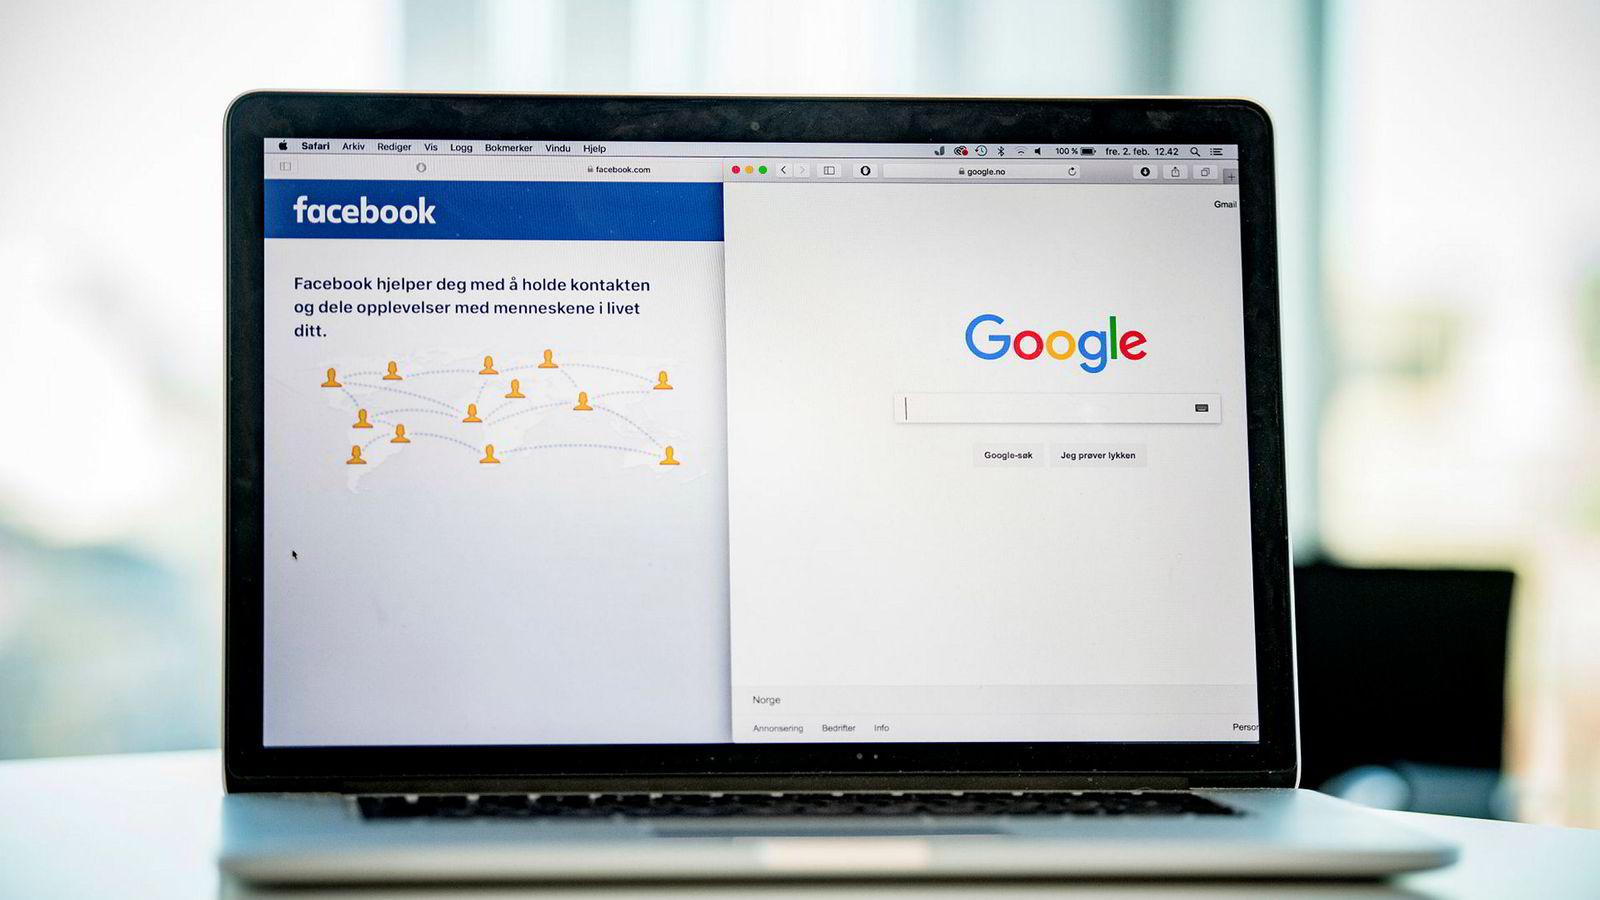 I Norge vet vi at mens avishusene har tapt 2,7 milliarder kroner i annonseinntekter siden 2012, omsatte Google og Facebook sannsynligvis for over fire milliarder kroner til sammen i det norske markedet i 2017, skriver innleggsforfatteren.